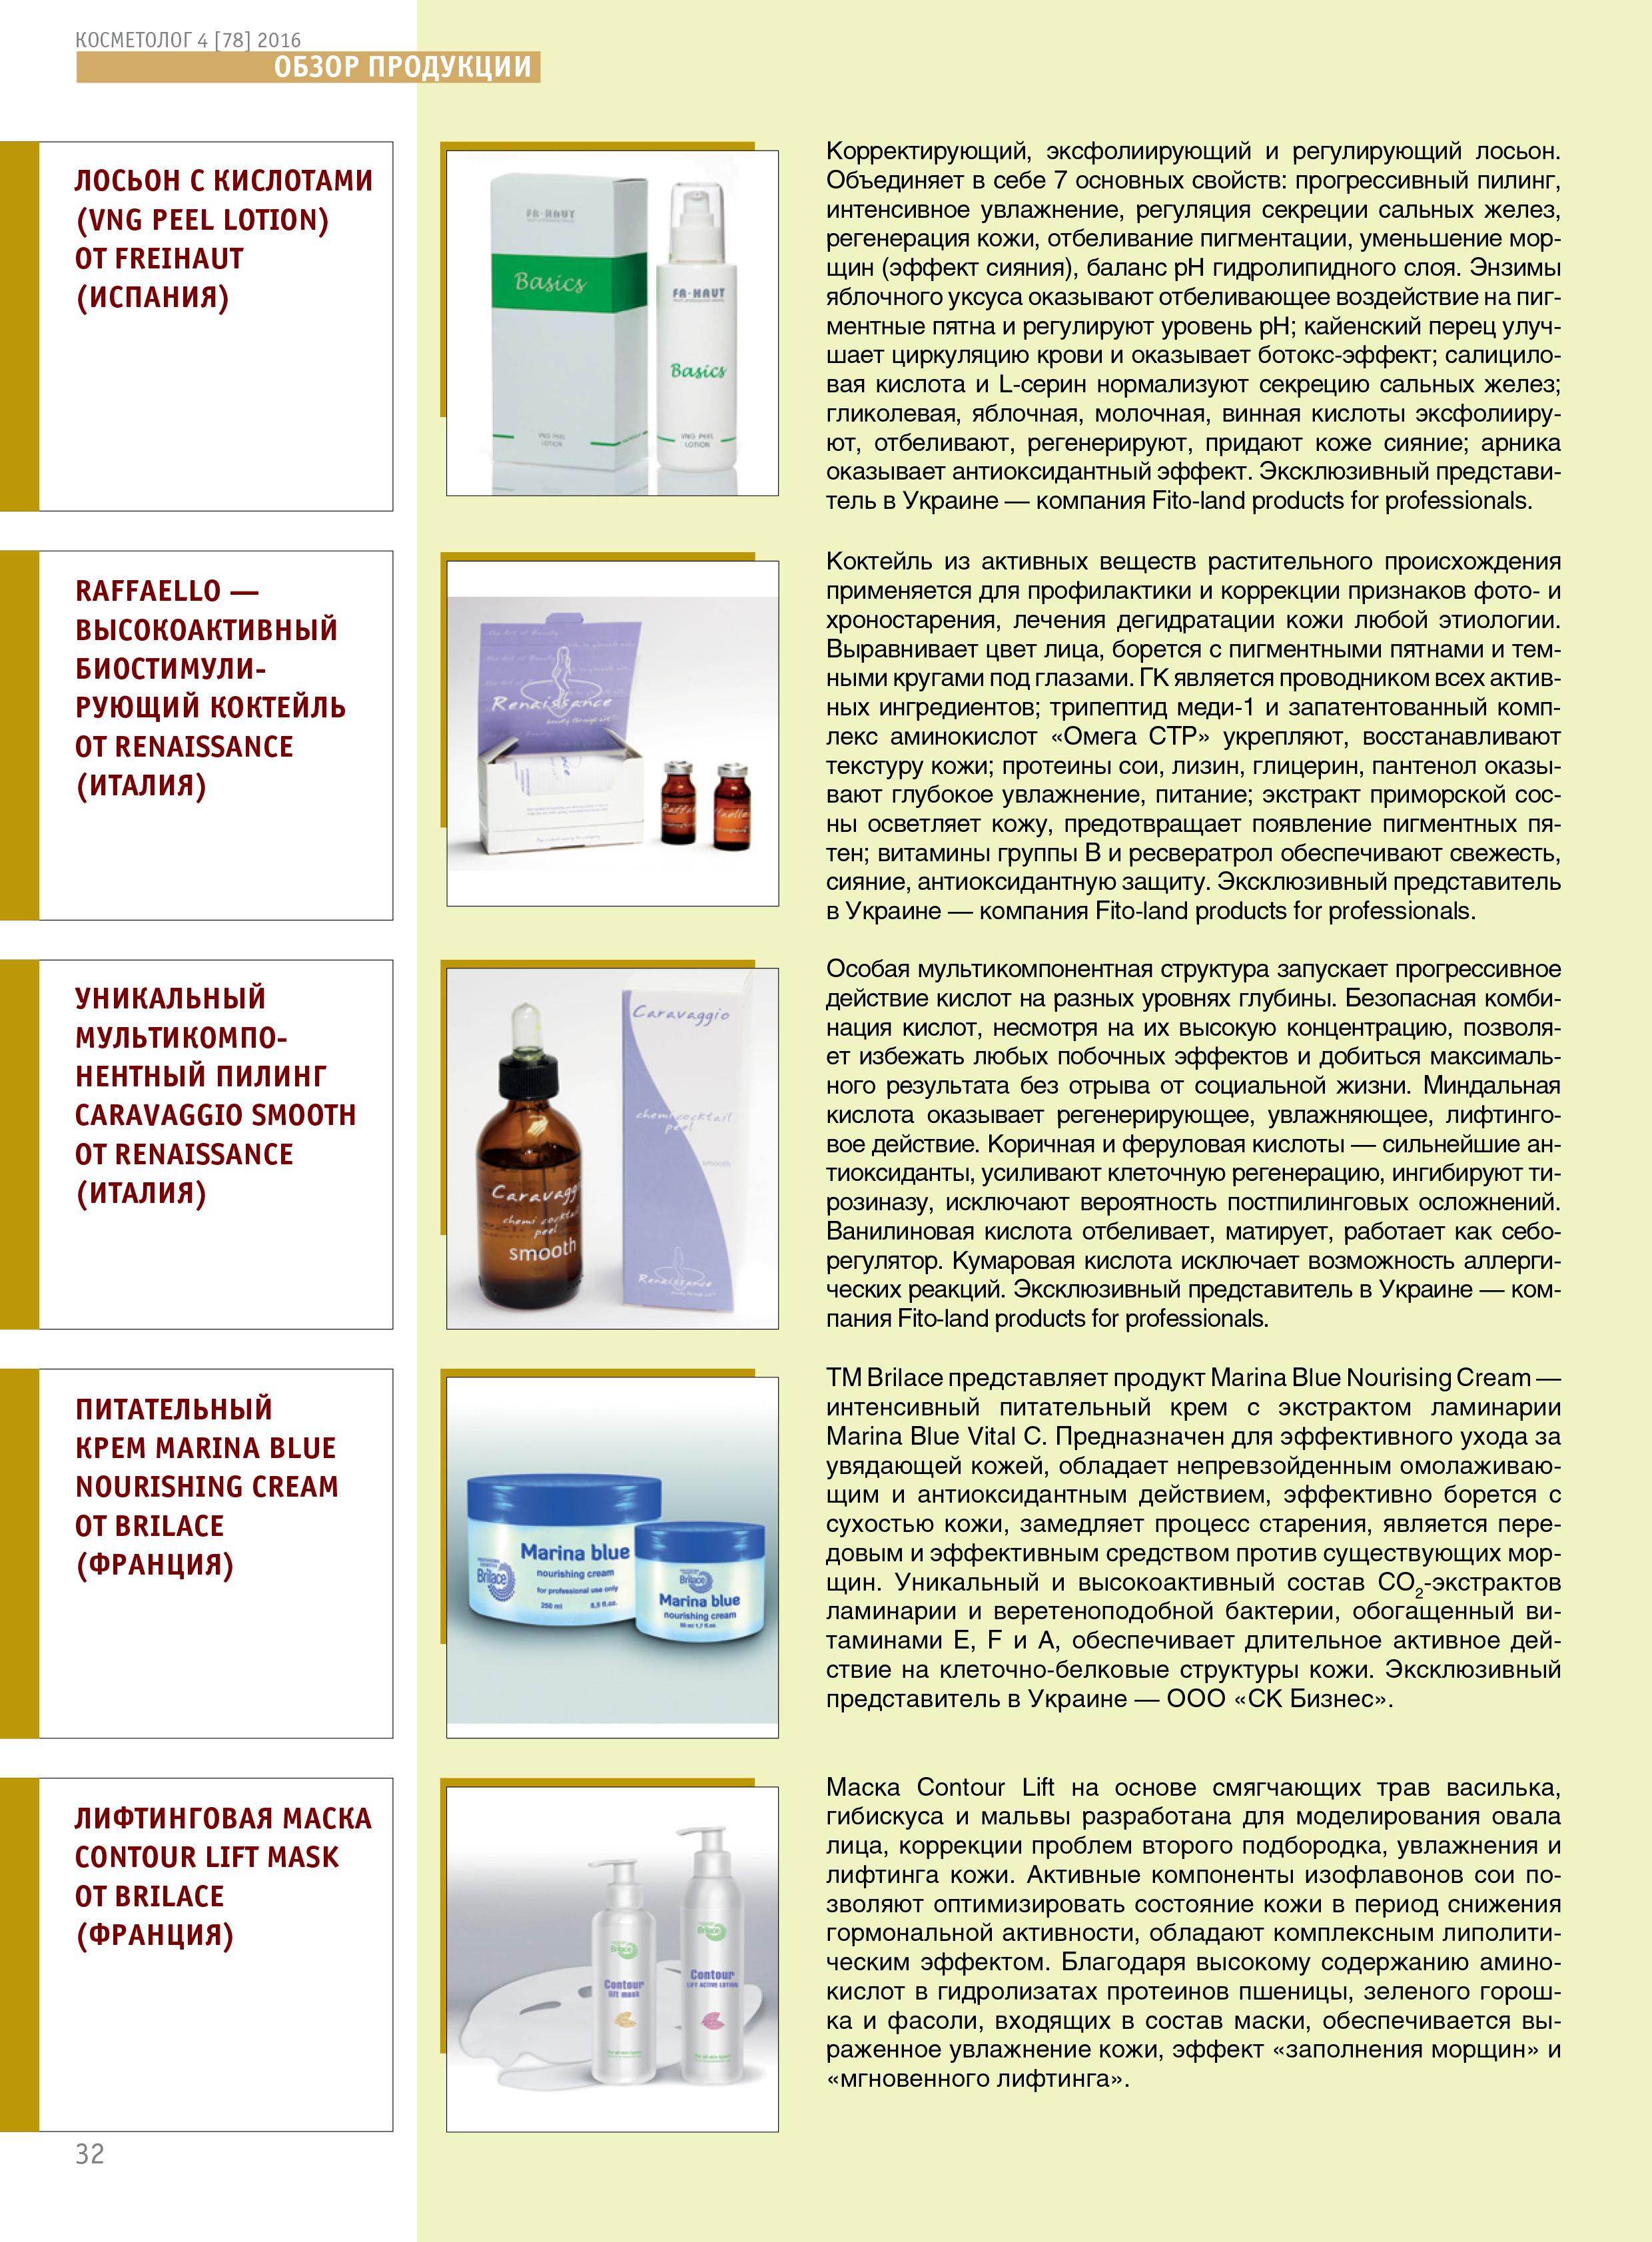 обзор продукции журнал косметолог